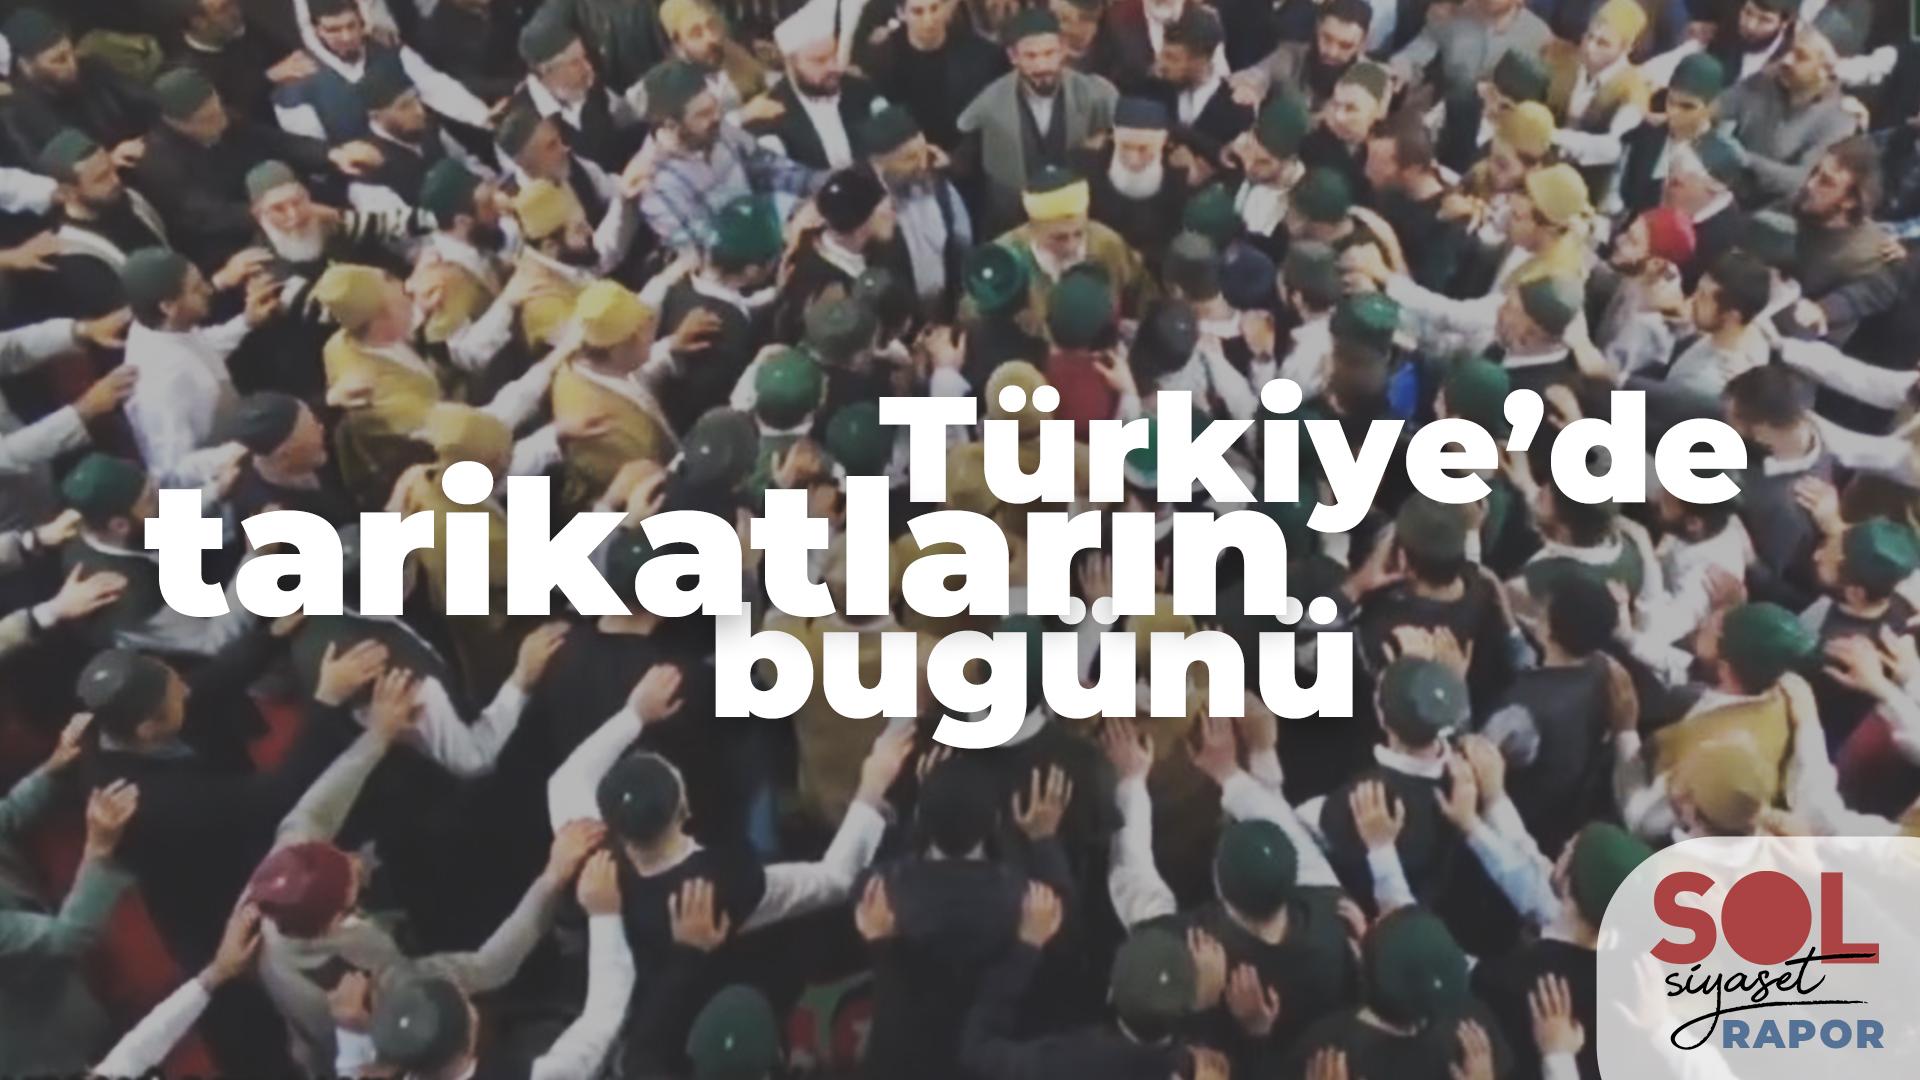 Rapor: Türkiye'de Tarikatların Bugünü